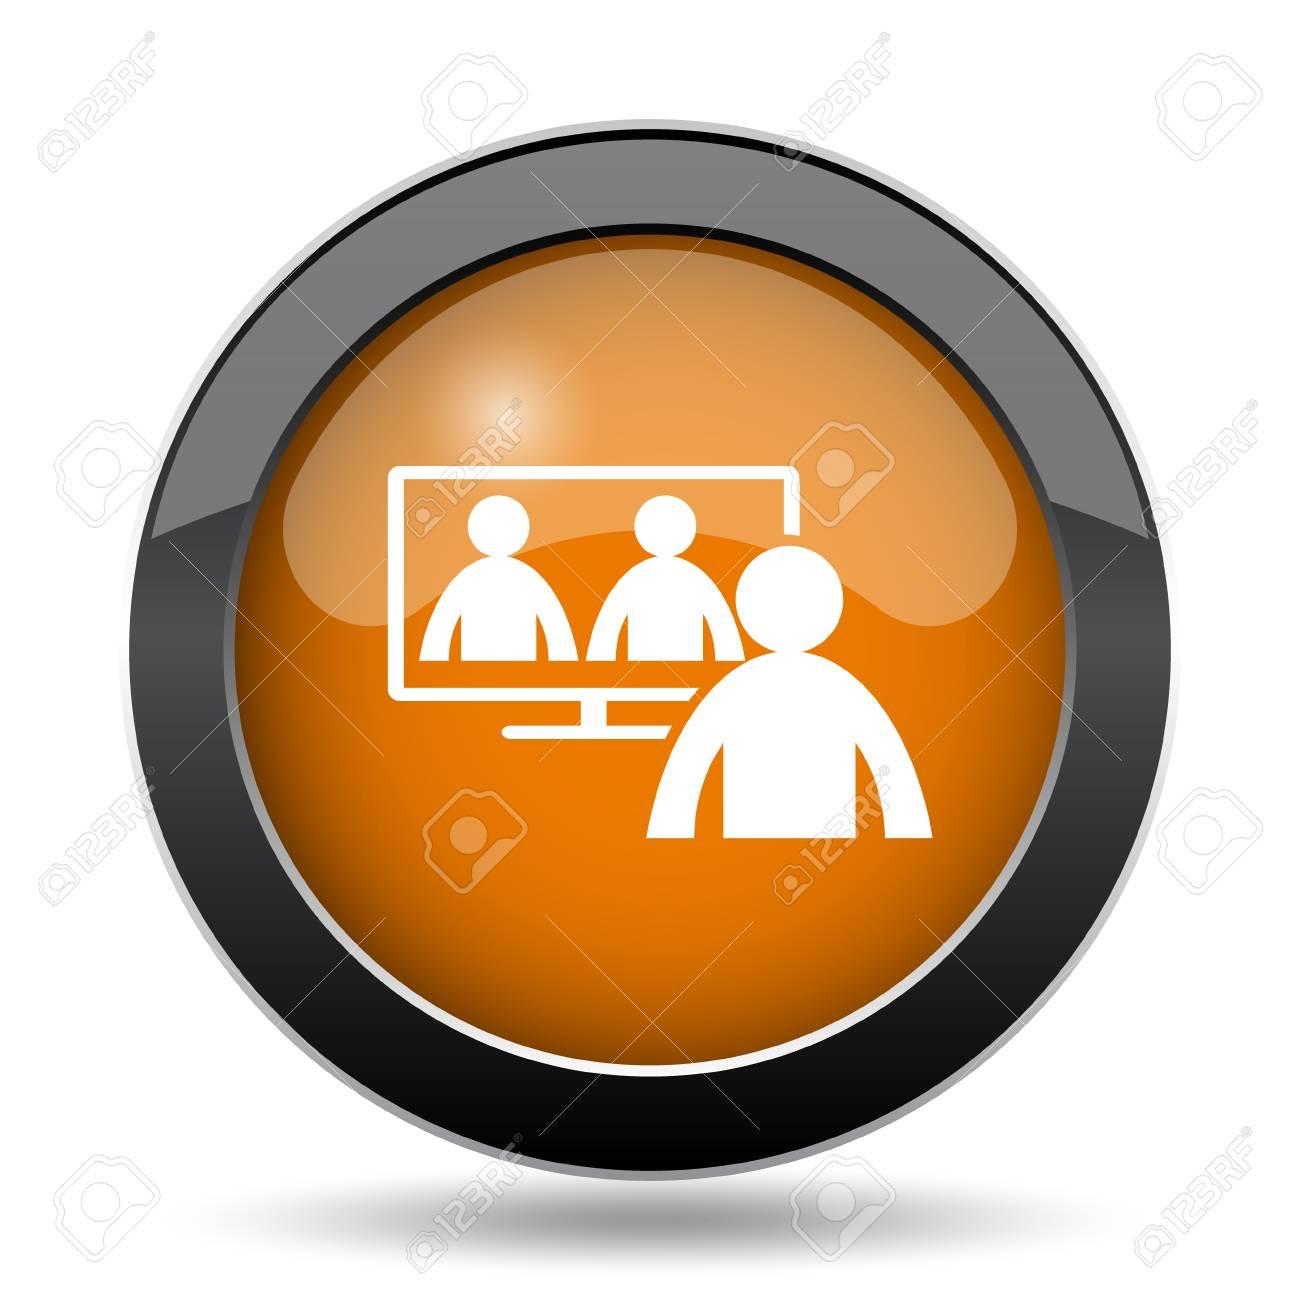 Qu'est-ce qui différencie GoSeeYou des autres applications de rencontre?